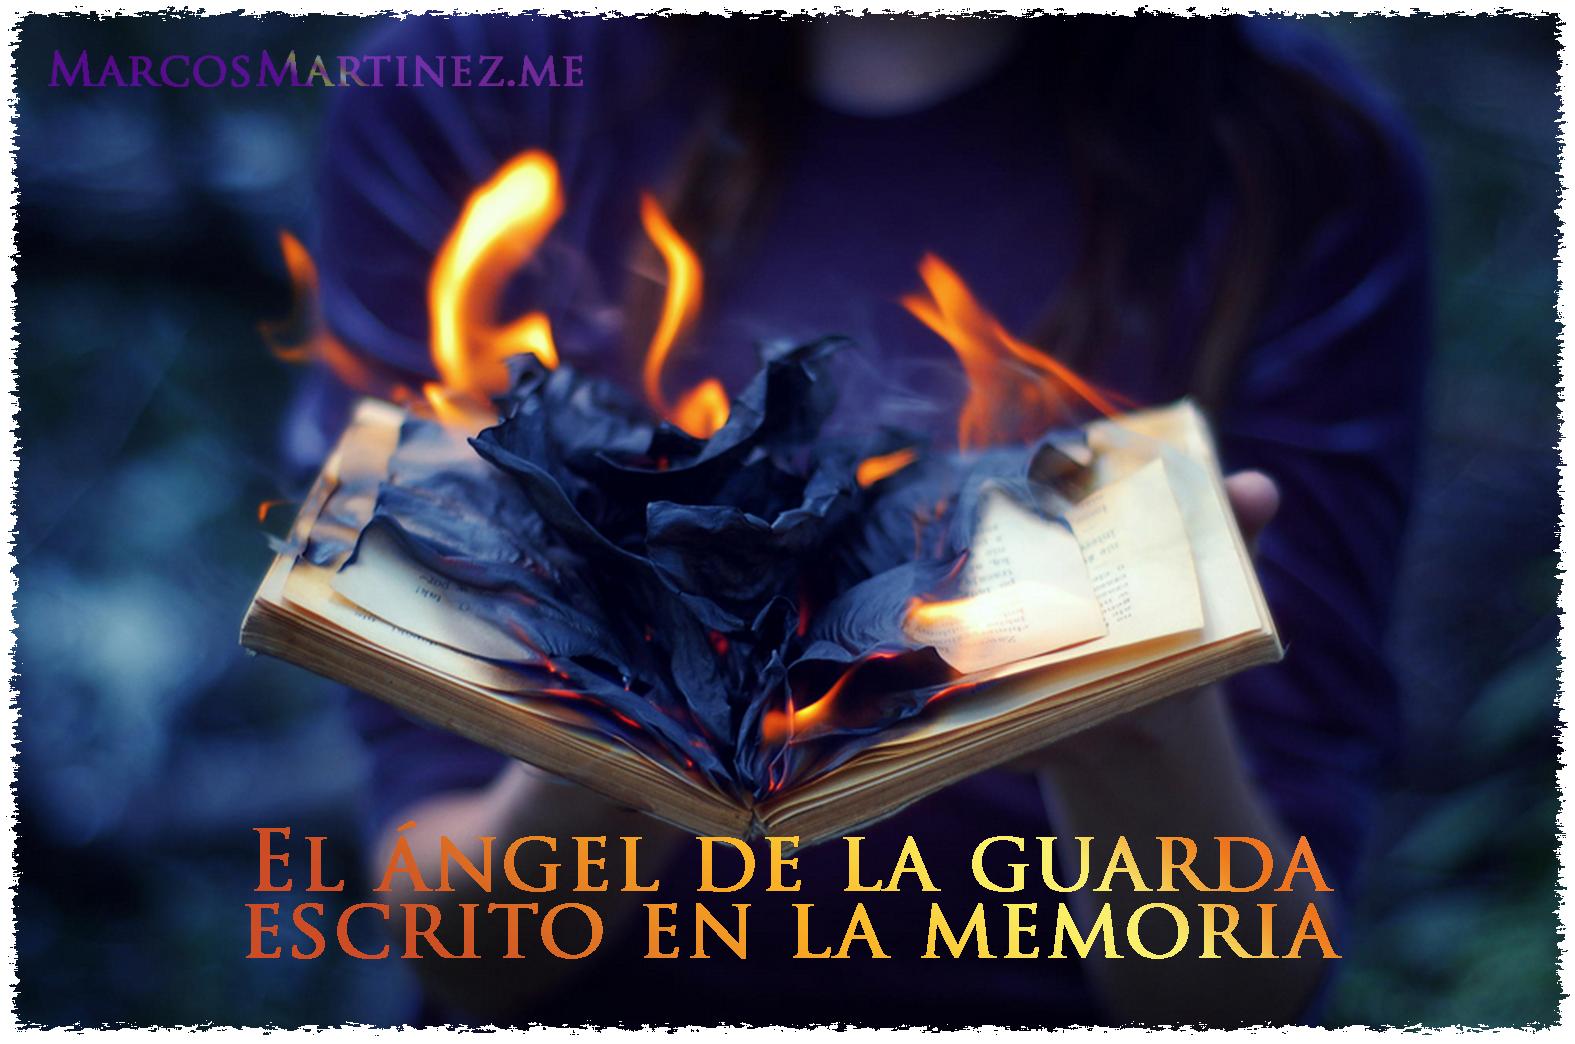 El ángel de la guarda escrito en la memoria